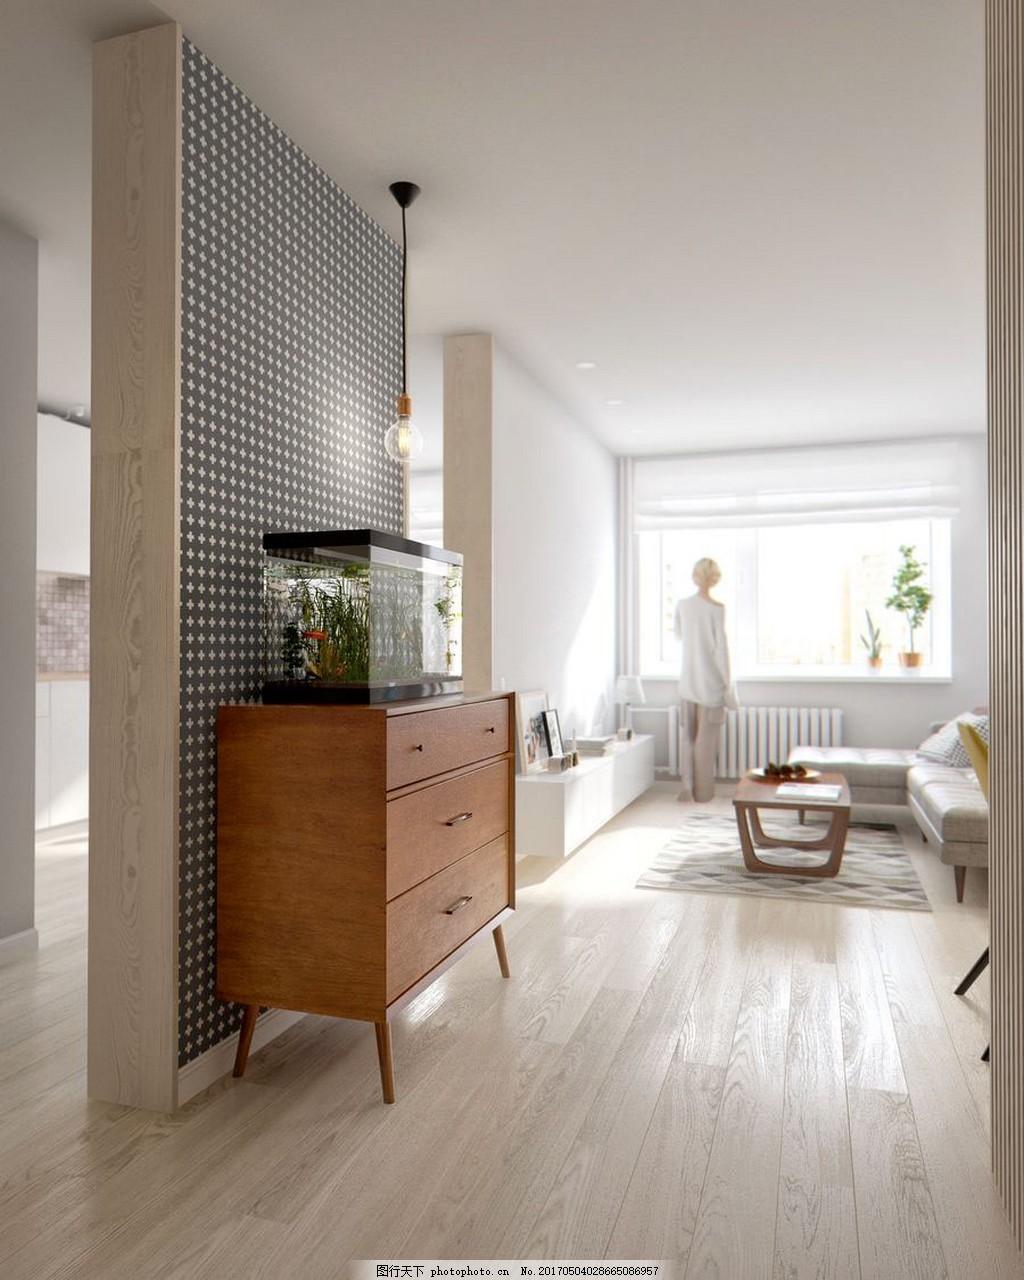 美式客厅简装效果图 室内设计 家装效果图 现代装修效果图 时尚 奢华